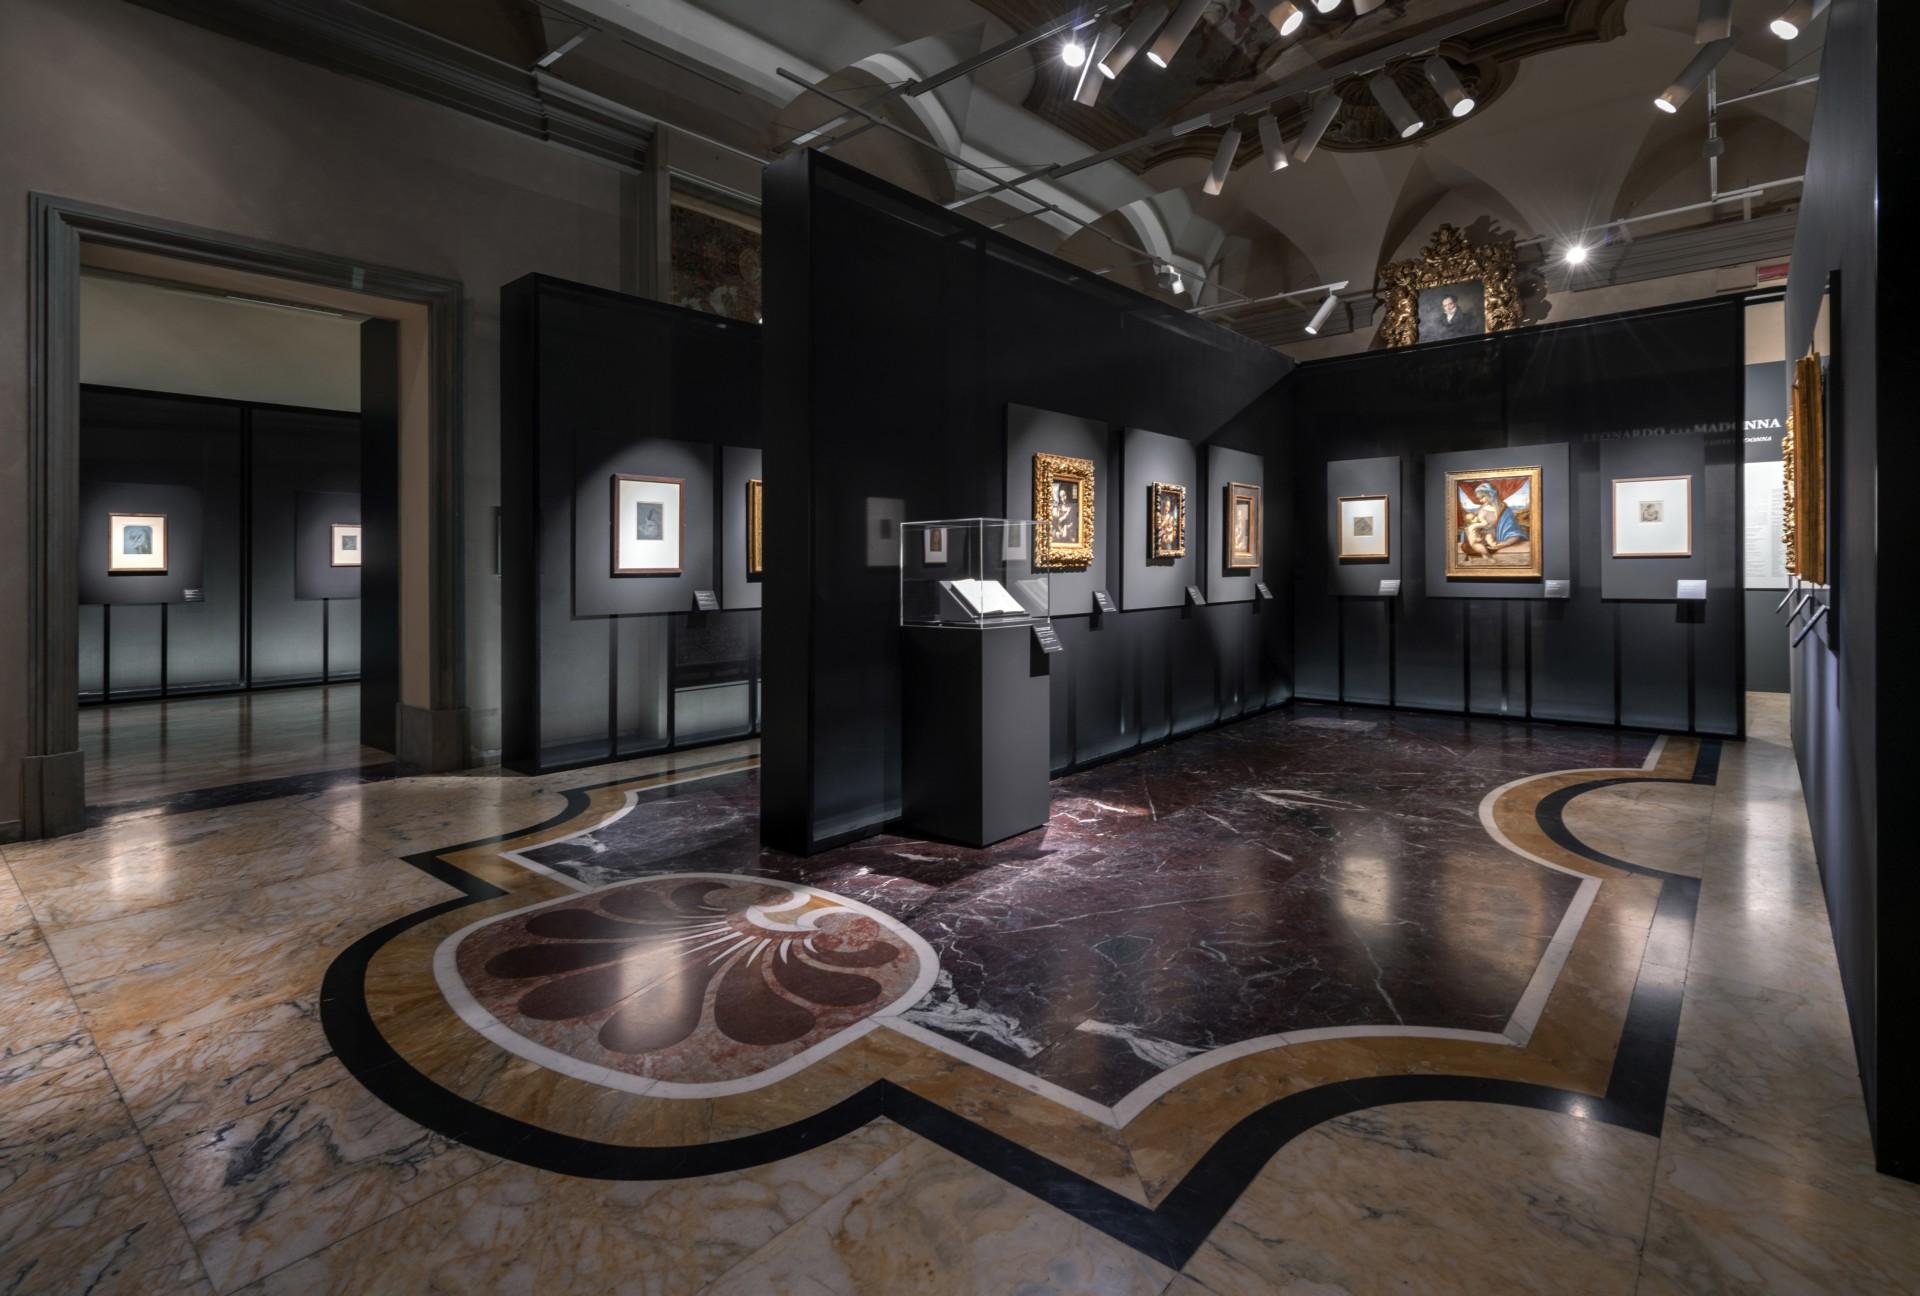 Mostra Design Milano 2018 migliore+servetto architects leonardo e la madonna litta